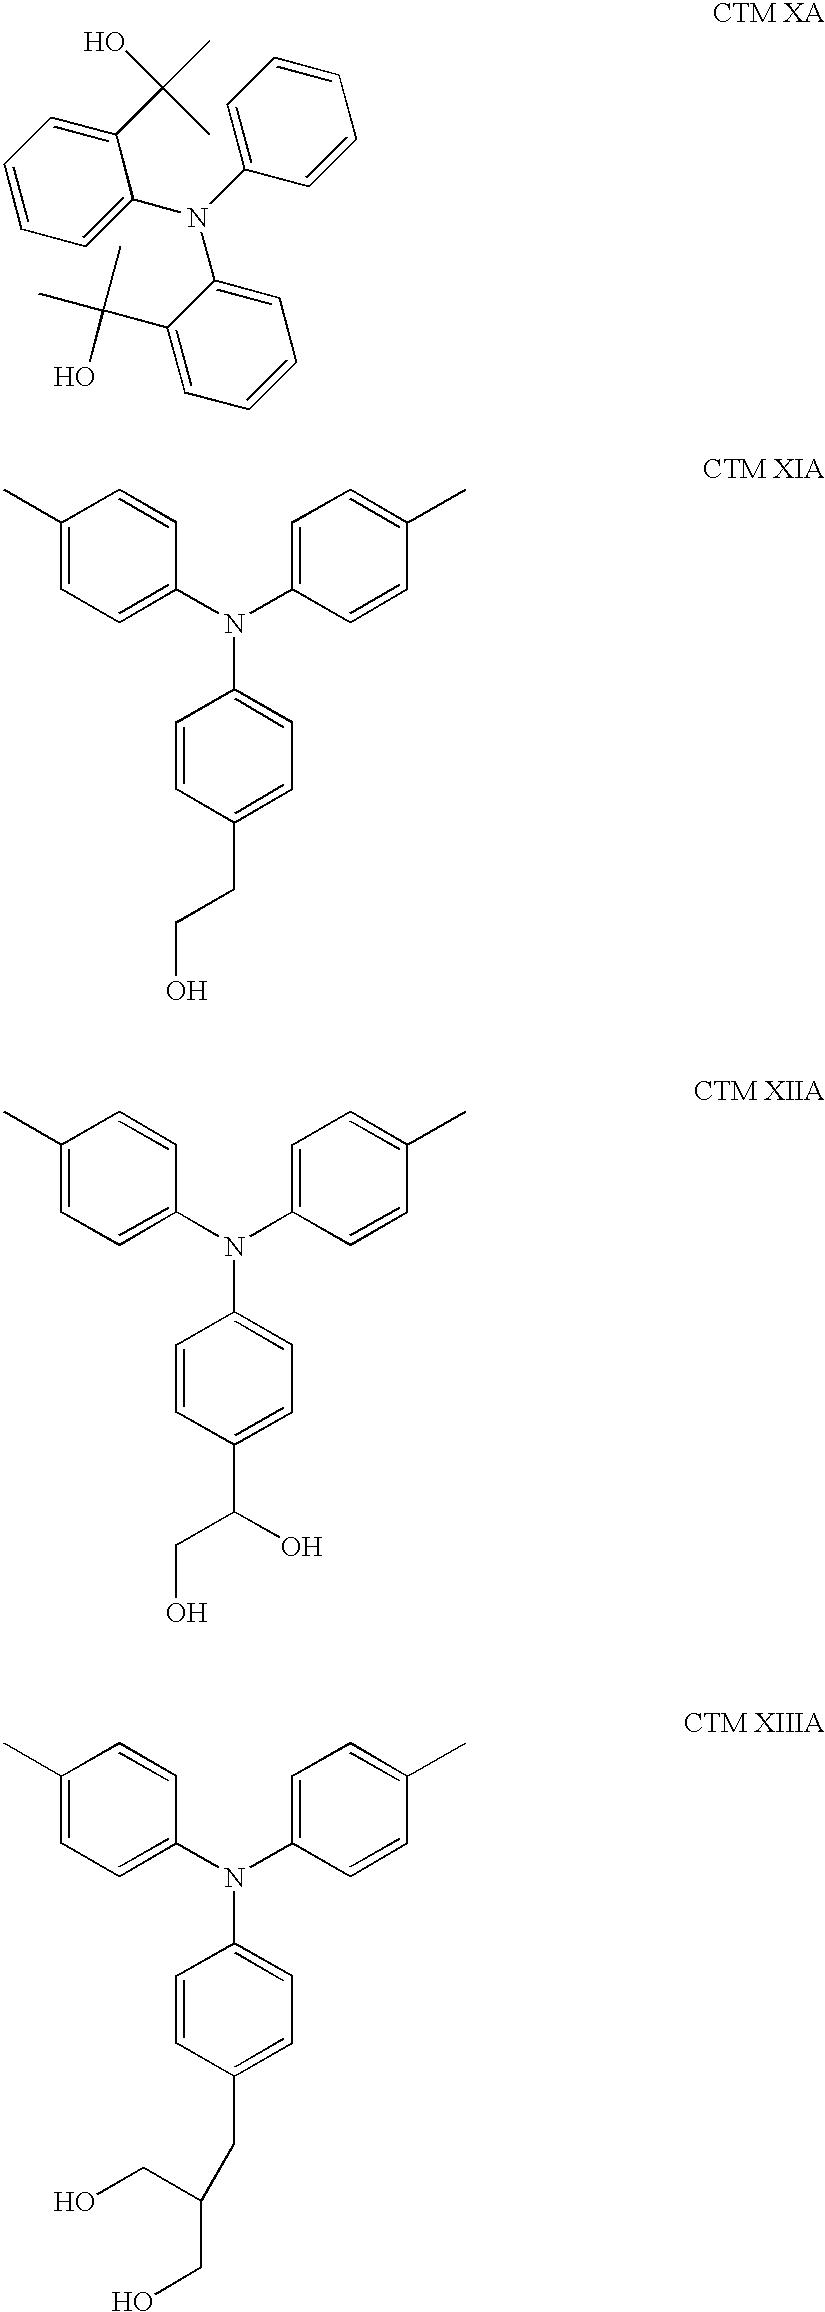 Figure US06517984-20030211-C00016